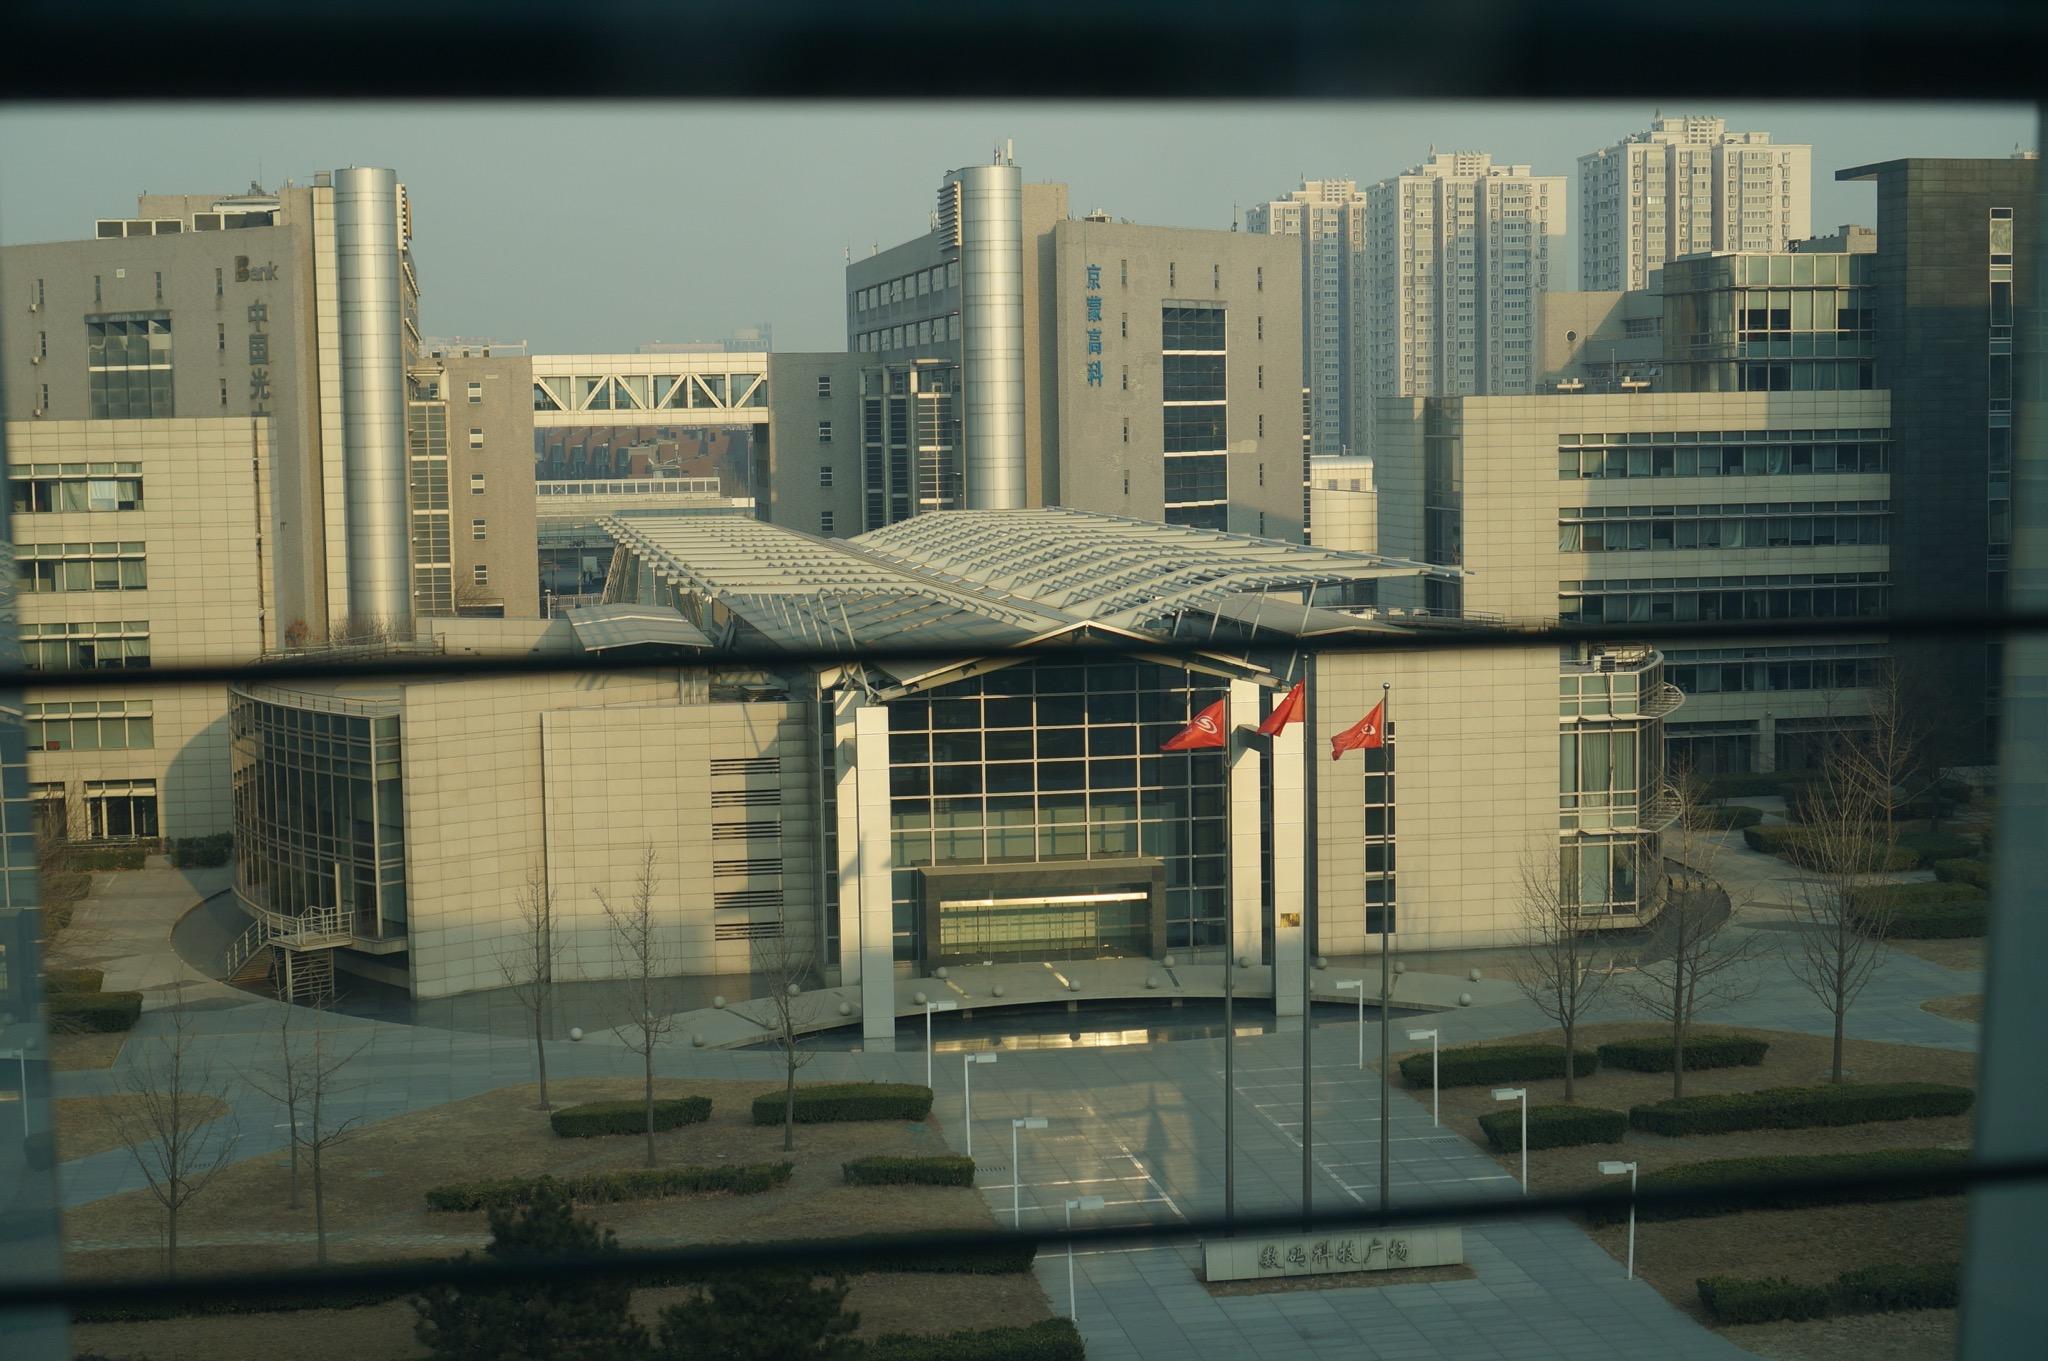 俯视窗外建筑